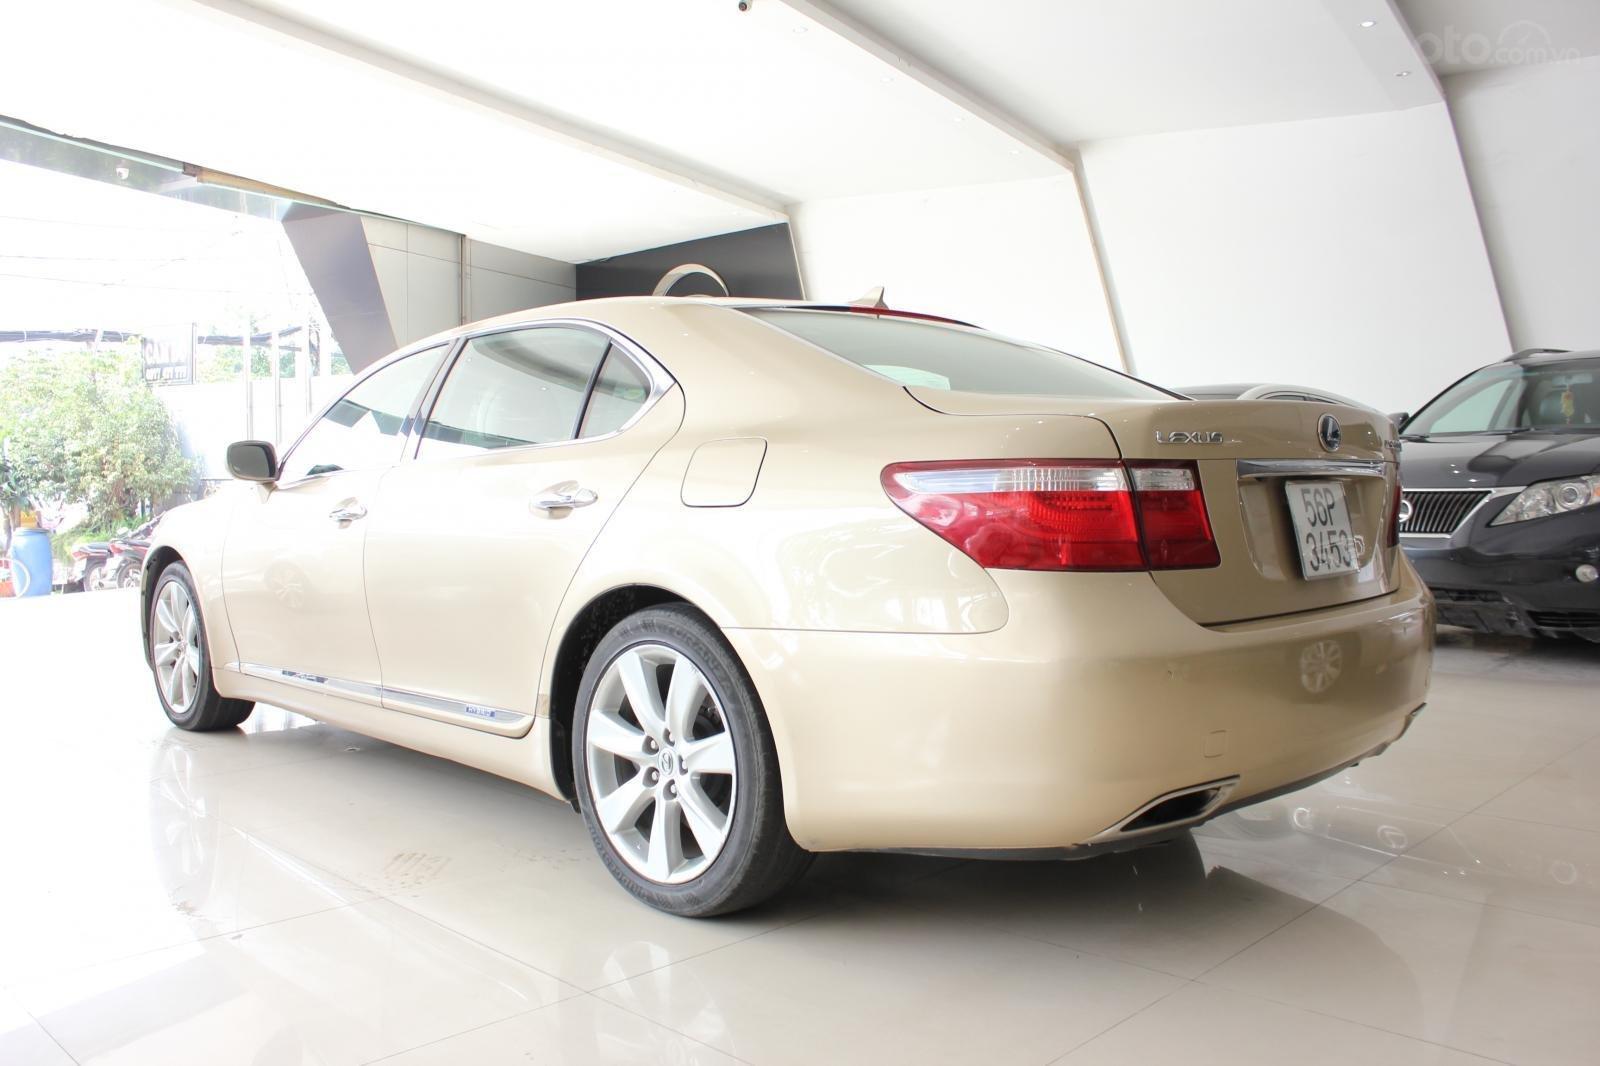 Cần bán xe Lexus LS 600HL 5.0 xăng điện 2008, màu vàng, nhập khẩu (6)